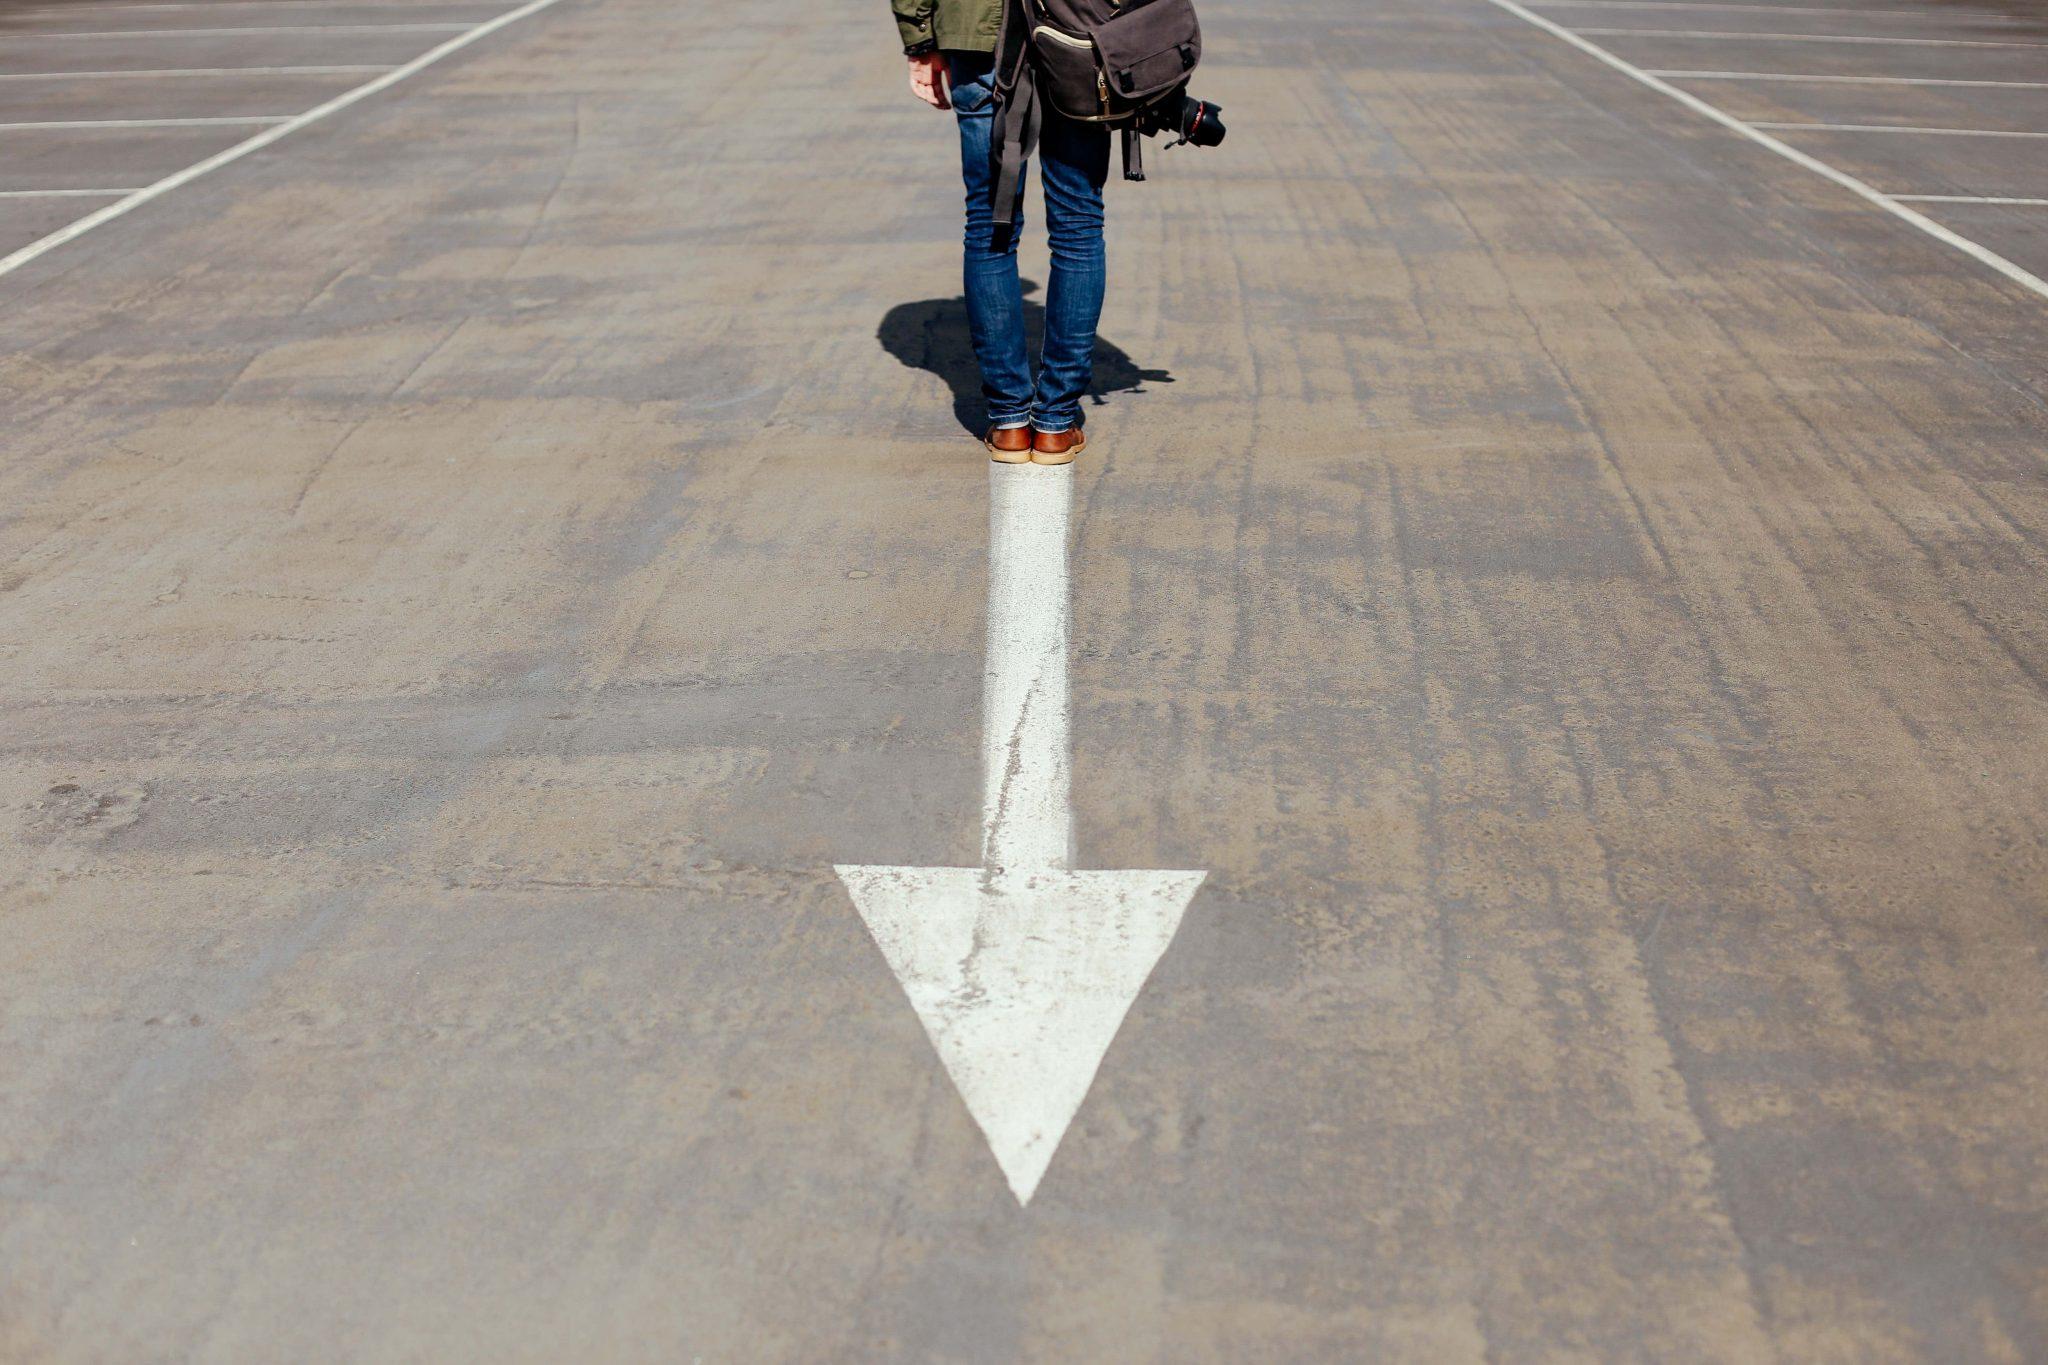 Metafora del purpose: una freccia che indica a una persona la direzione in cui muoversi su una pista.